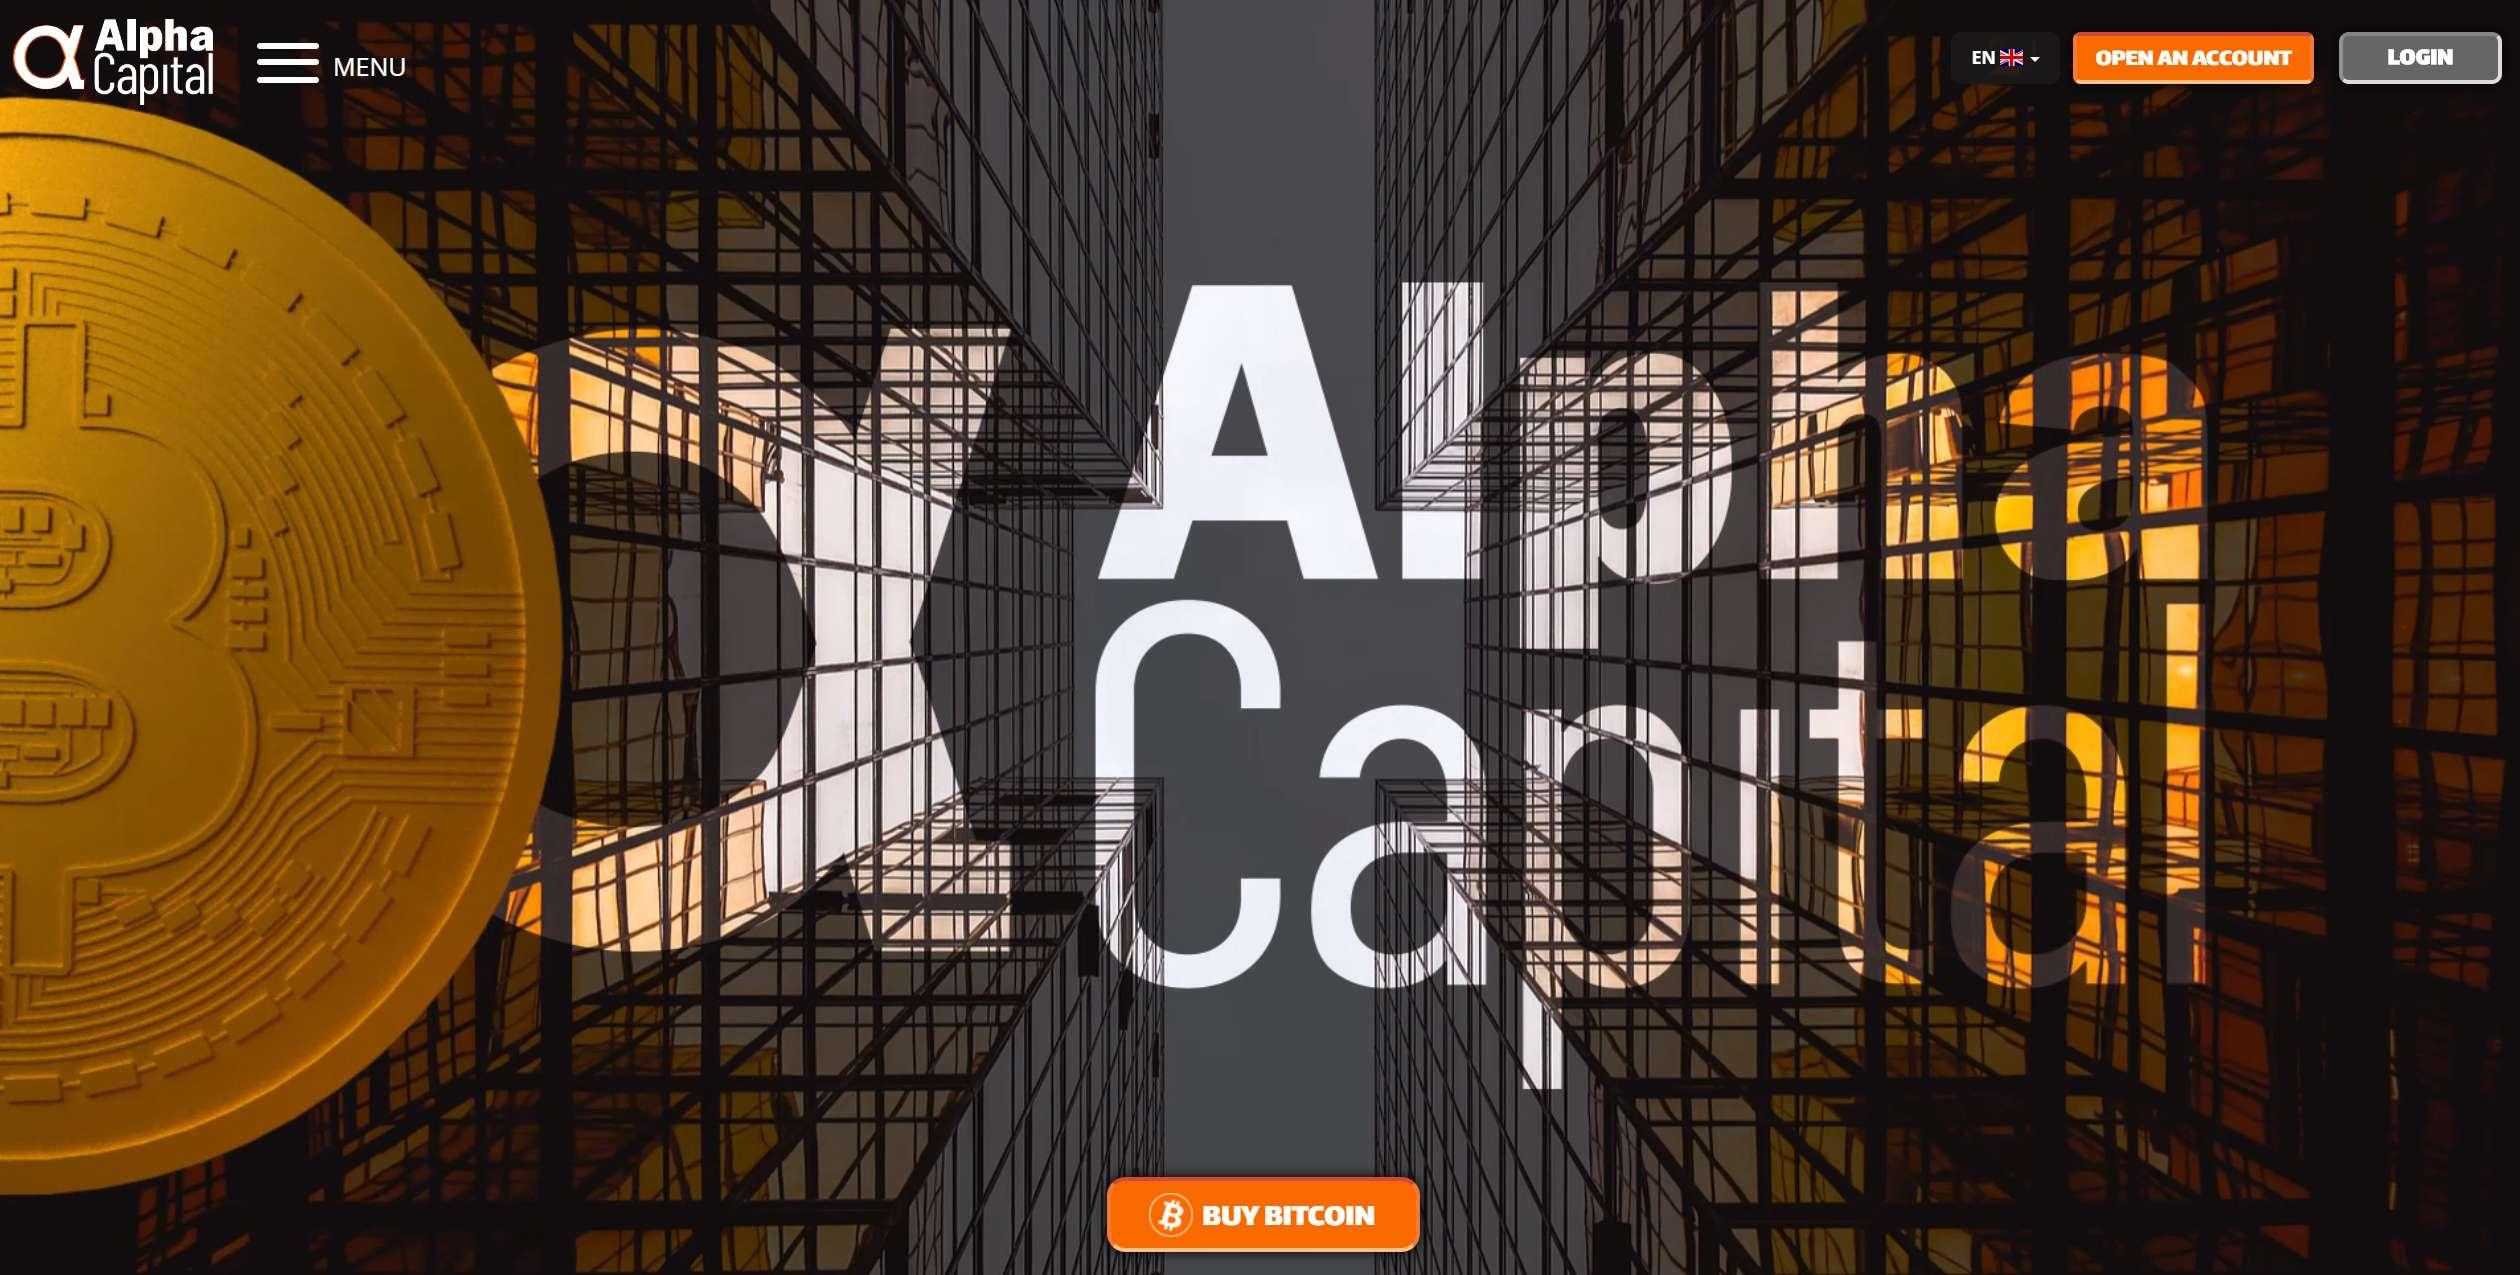 Отзывы о Alpha Capital - А не лохотрон ли это? наше мнение.